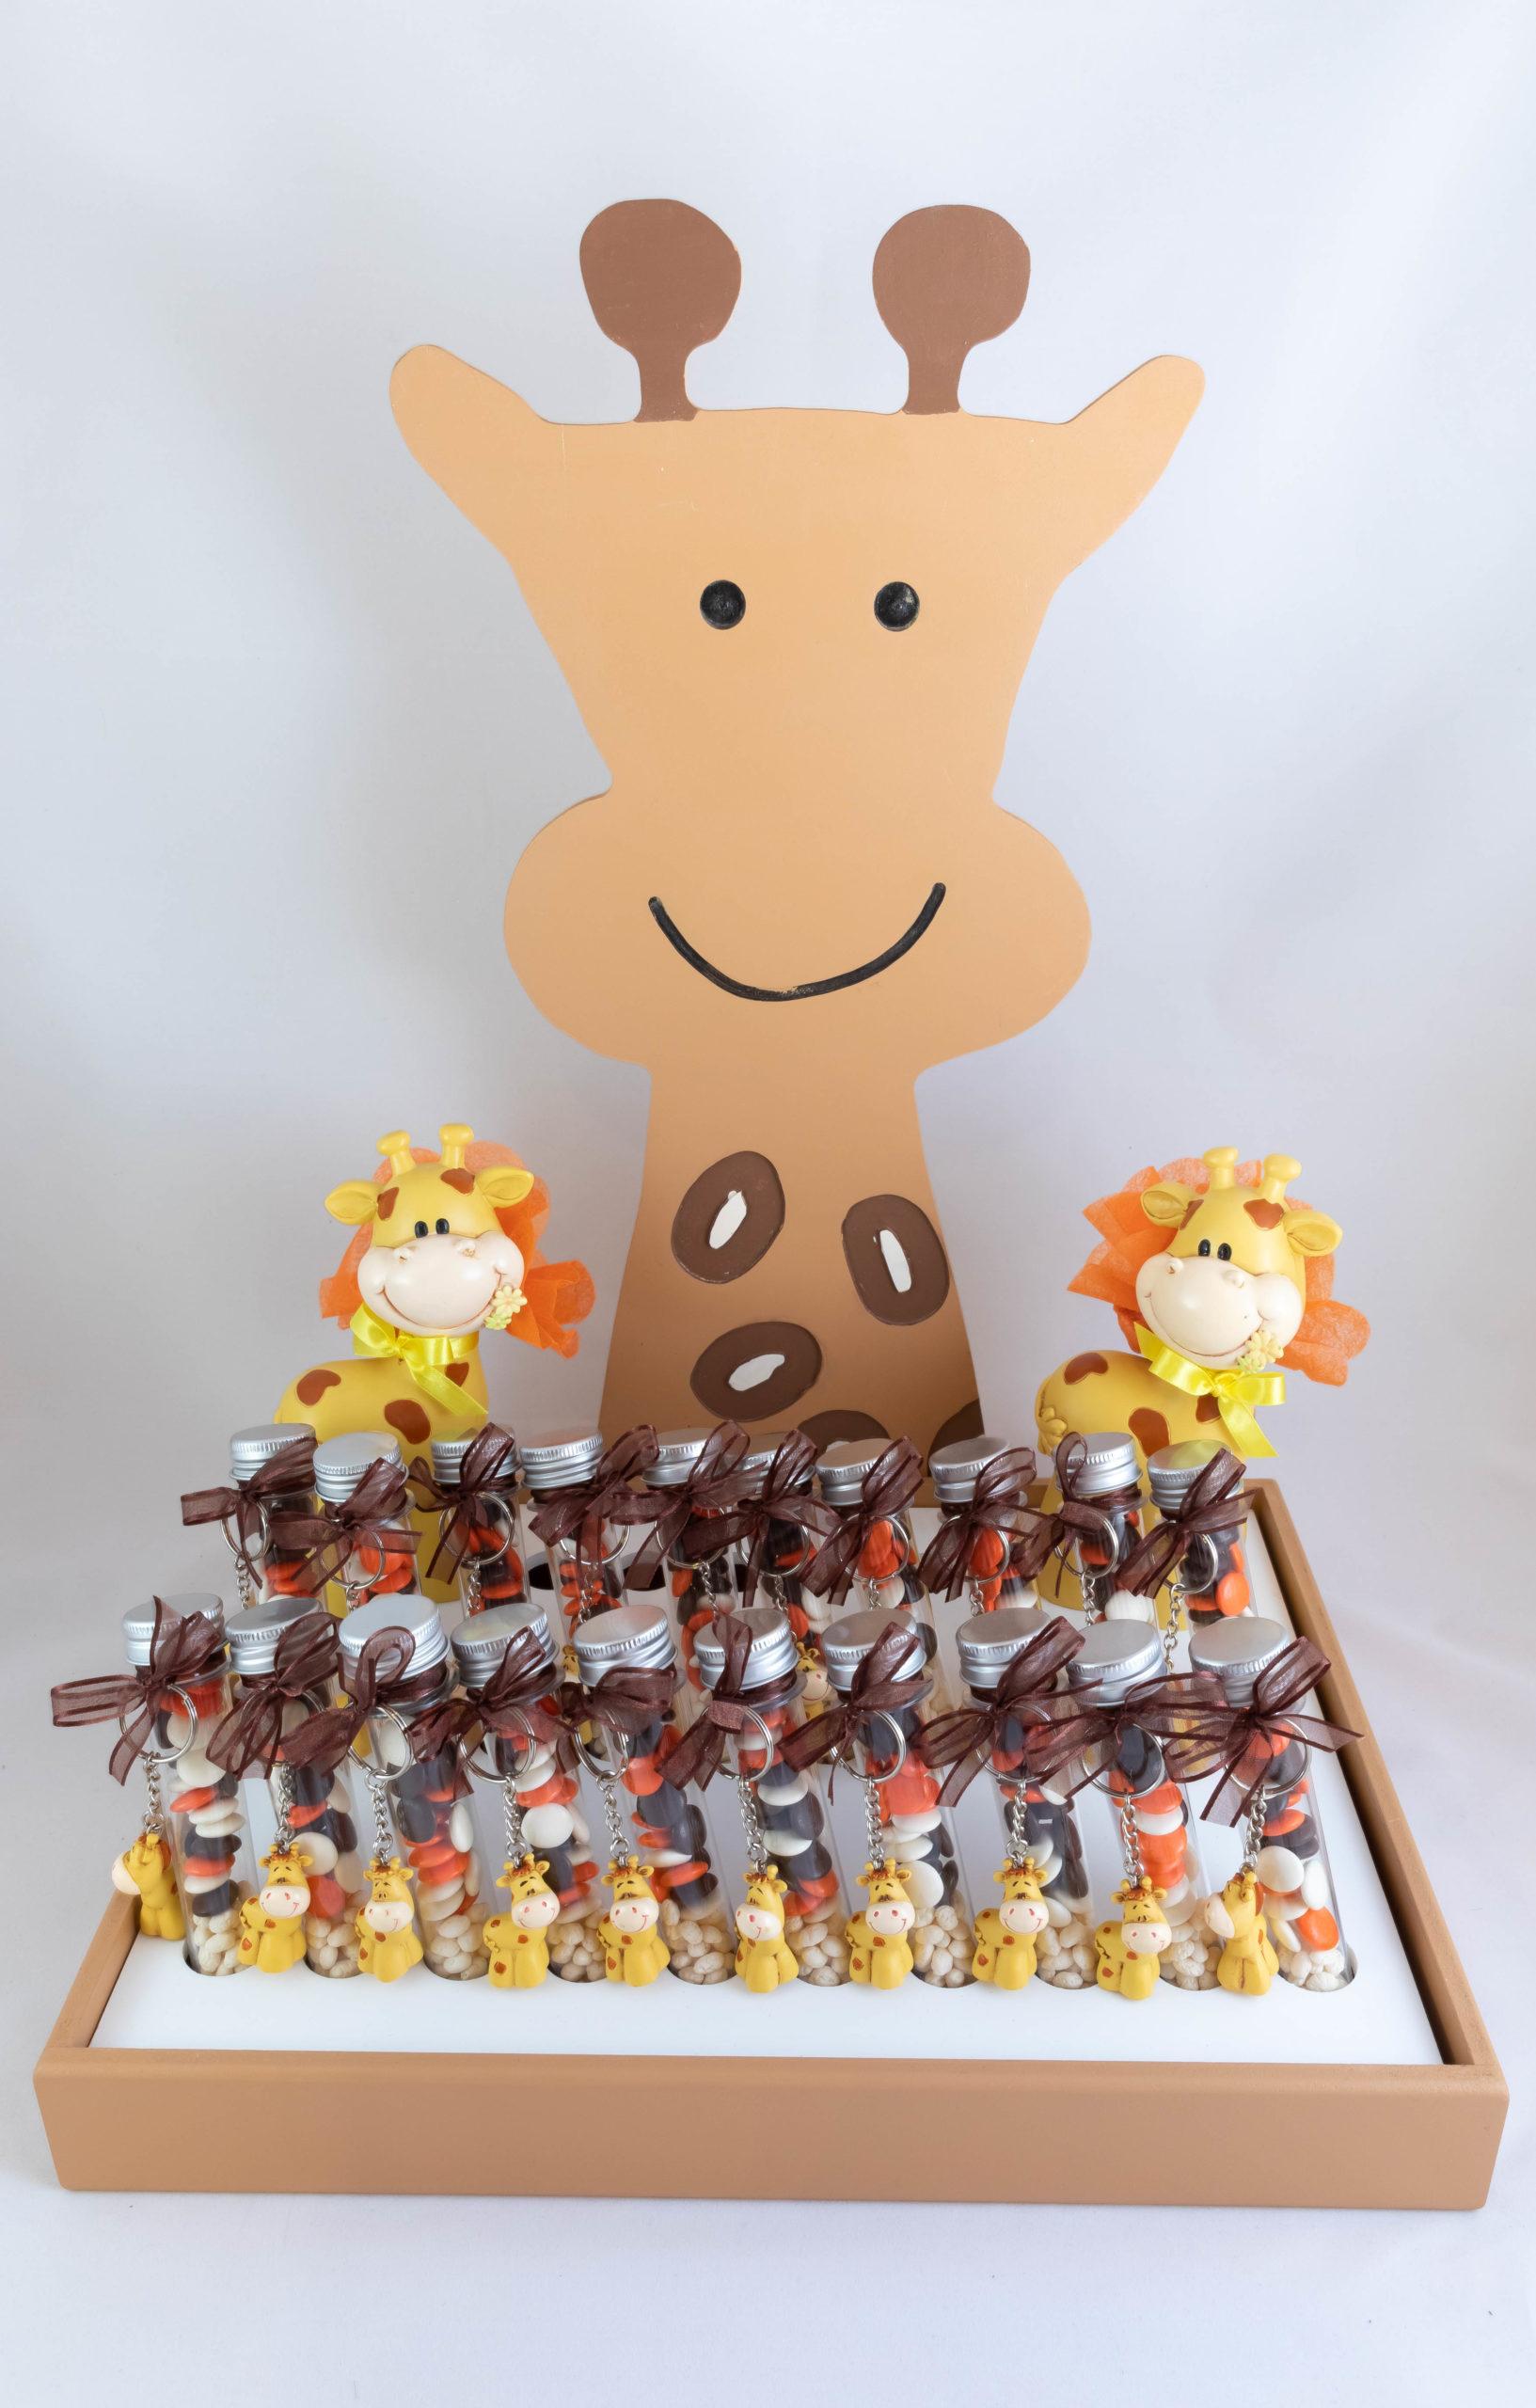 Ensemble - Girafe Image